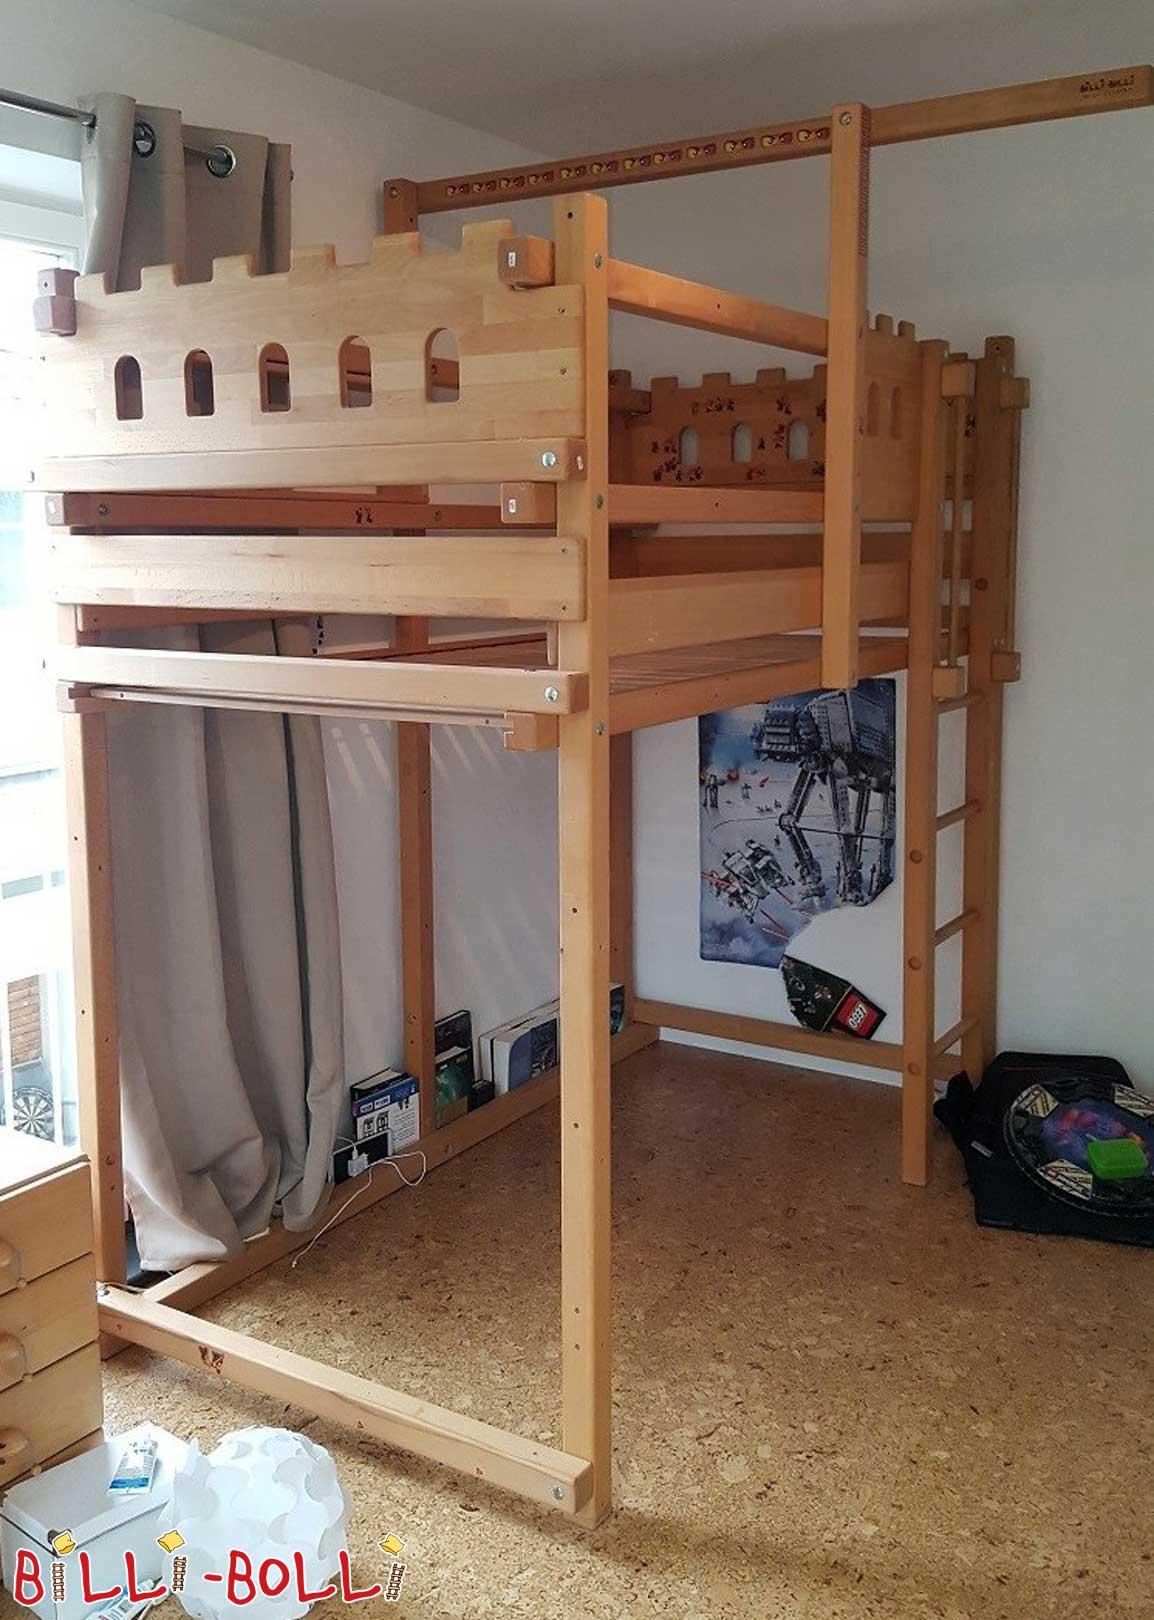 secondhand seite 40 billi bolli kinderm bel. Black Bedroom Furniture Sets. Home Design Ideas